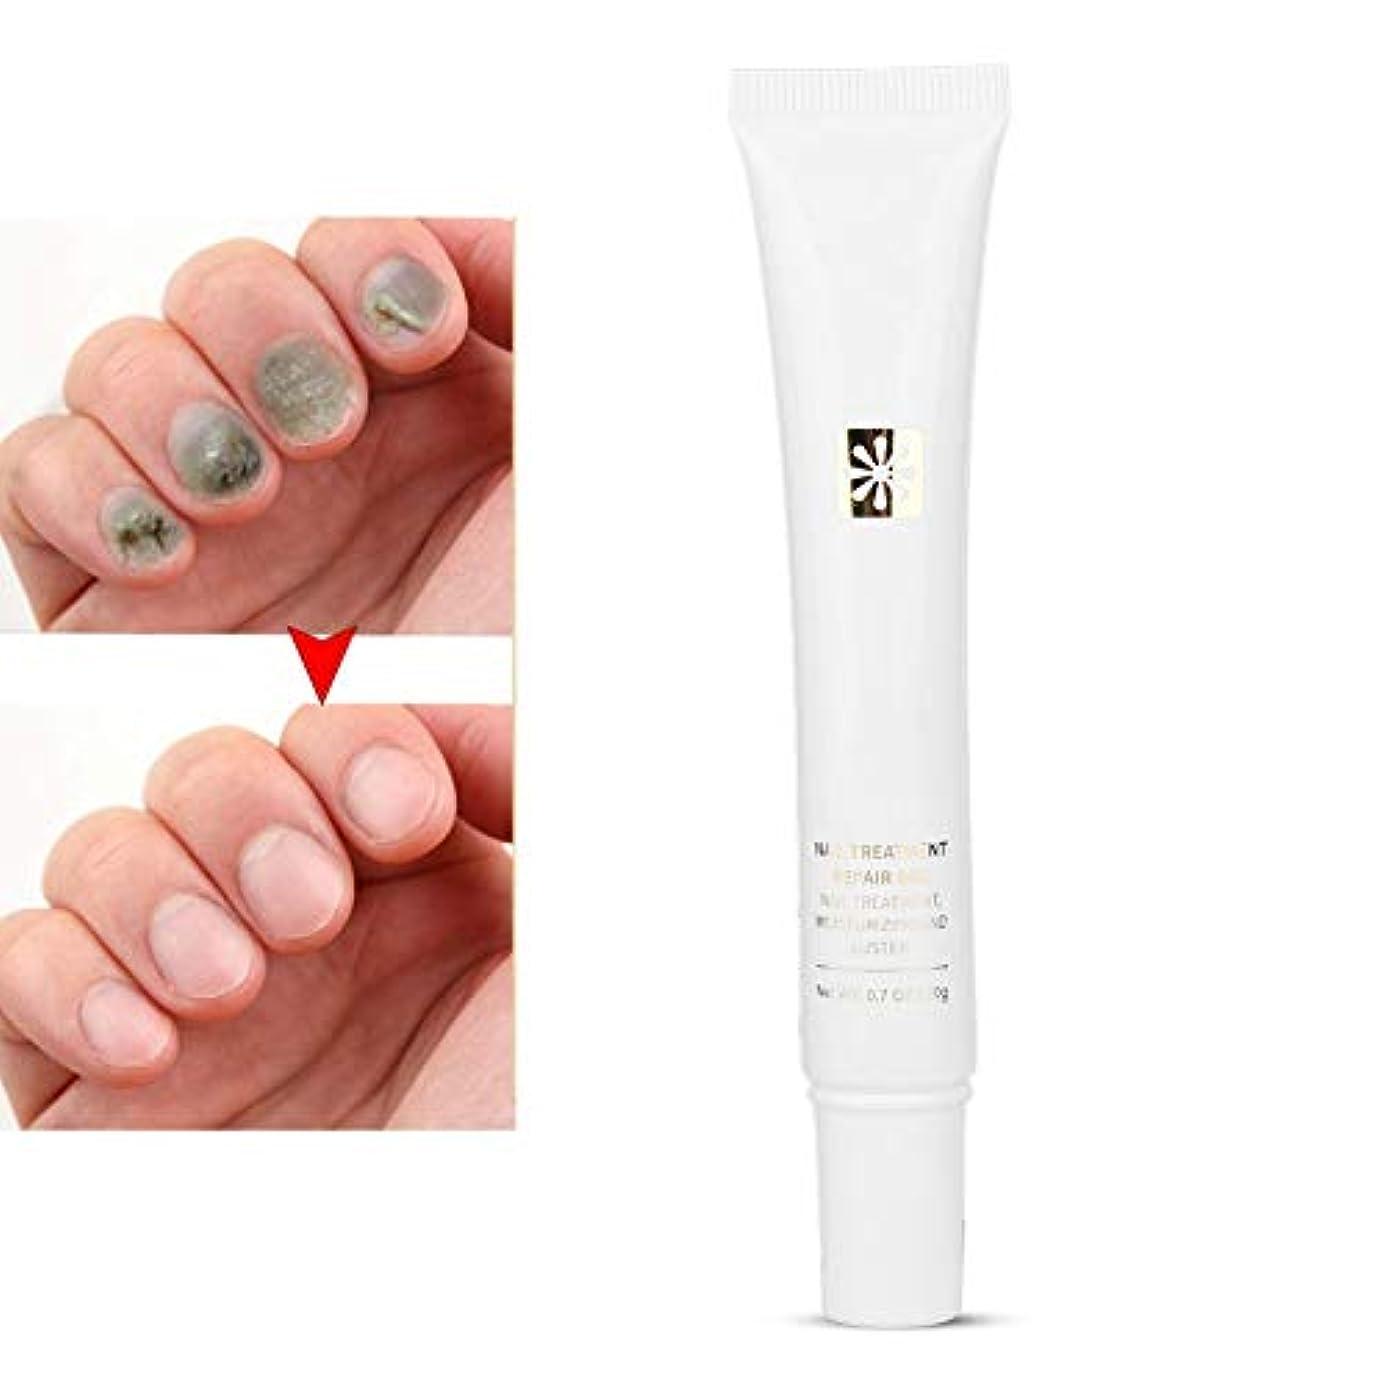 グラムピンク分類ネイルケアクリーム、20g爪の補修霜の足のりのなめらかなダメージを受けた爪の回復に効果的です